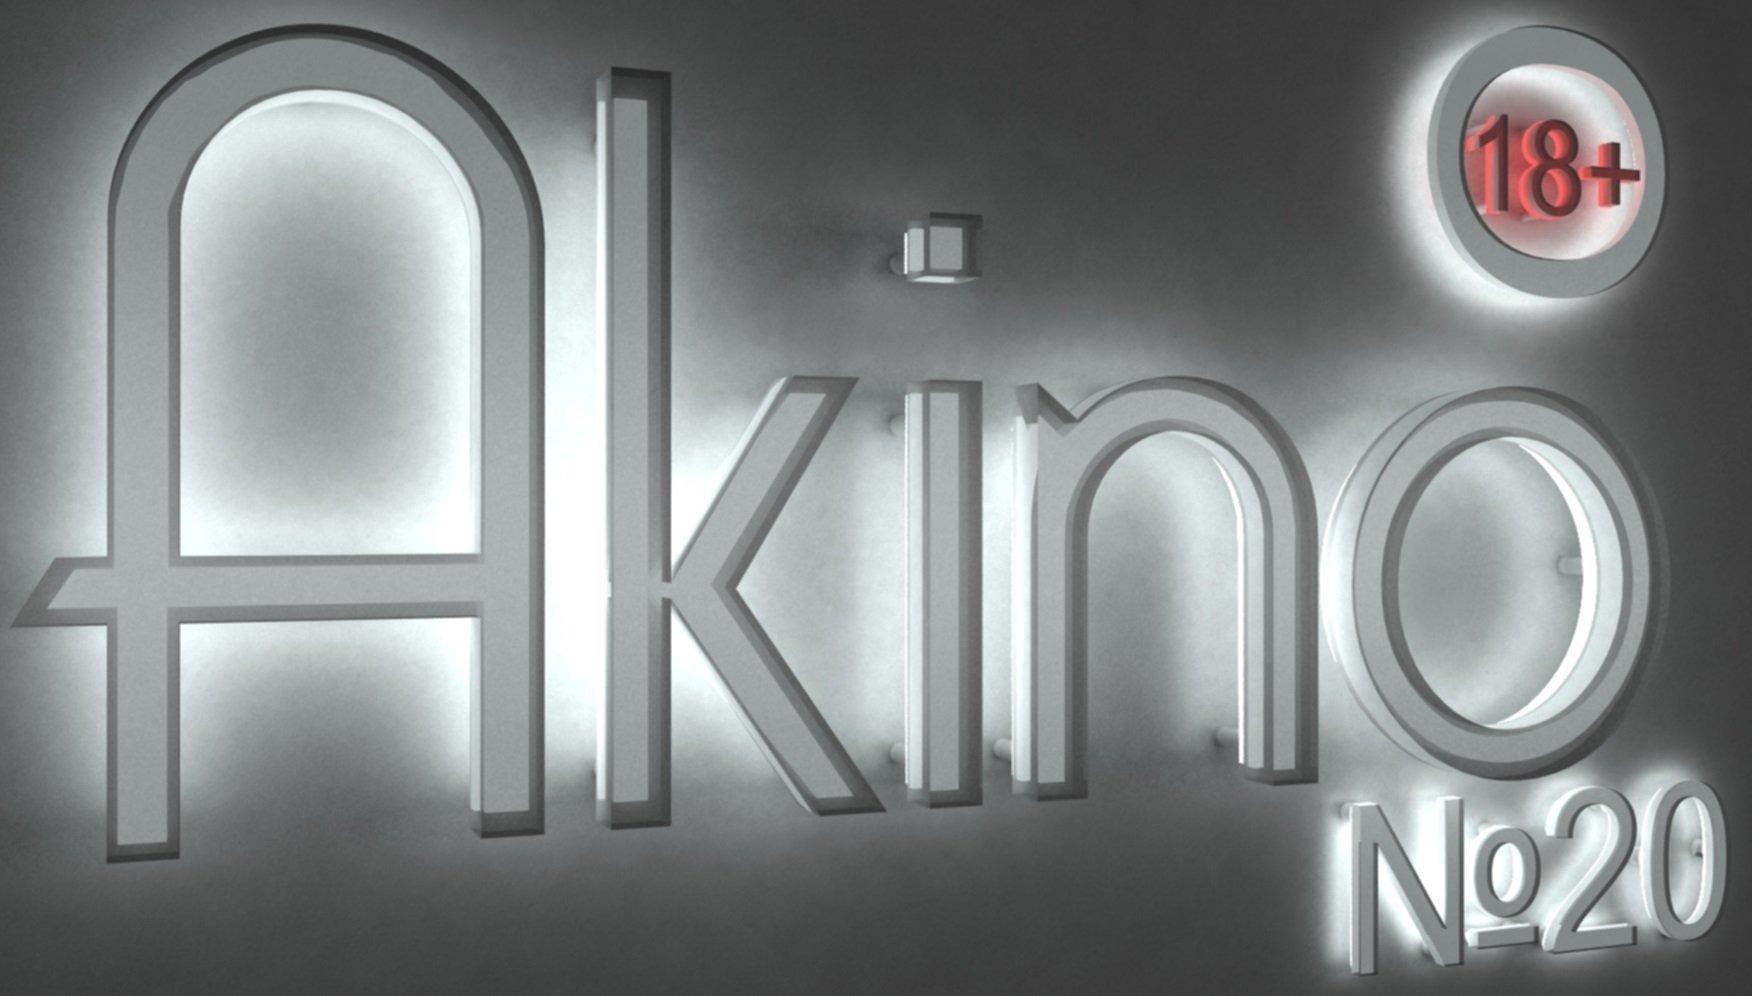 Подкаст AkiNO Выпуск № 20 (18+) - Изображение 1